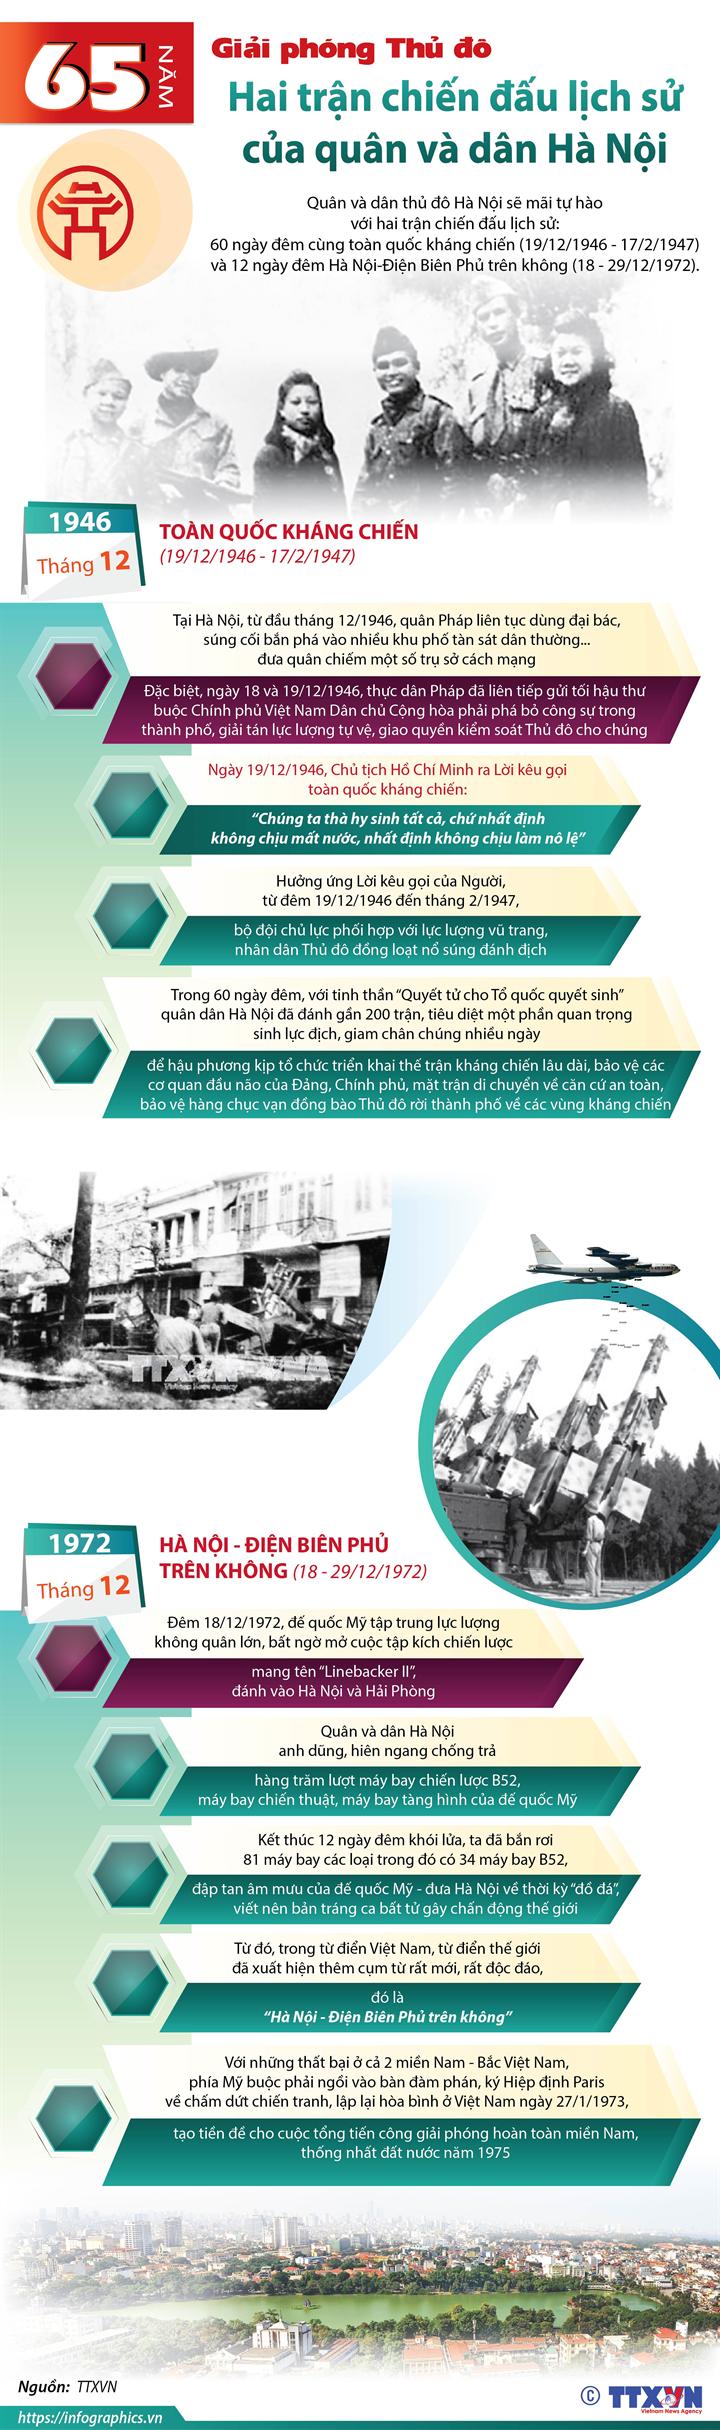 65 năm giải phóng Thủ đô: Hai trận chiến đấu lịch sử của quân và dân Hà Nội